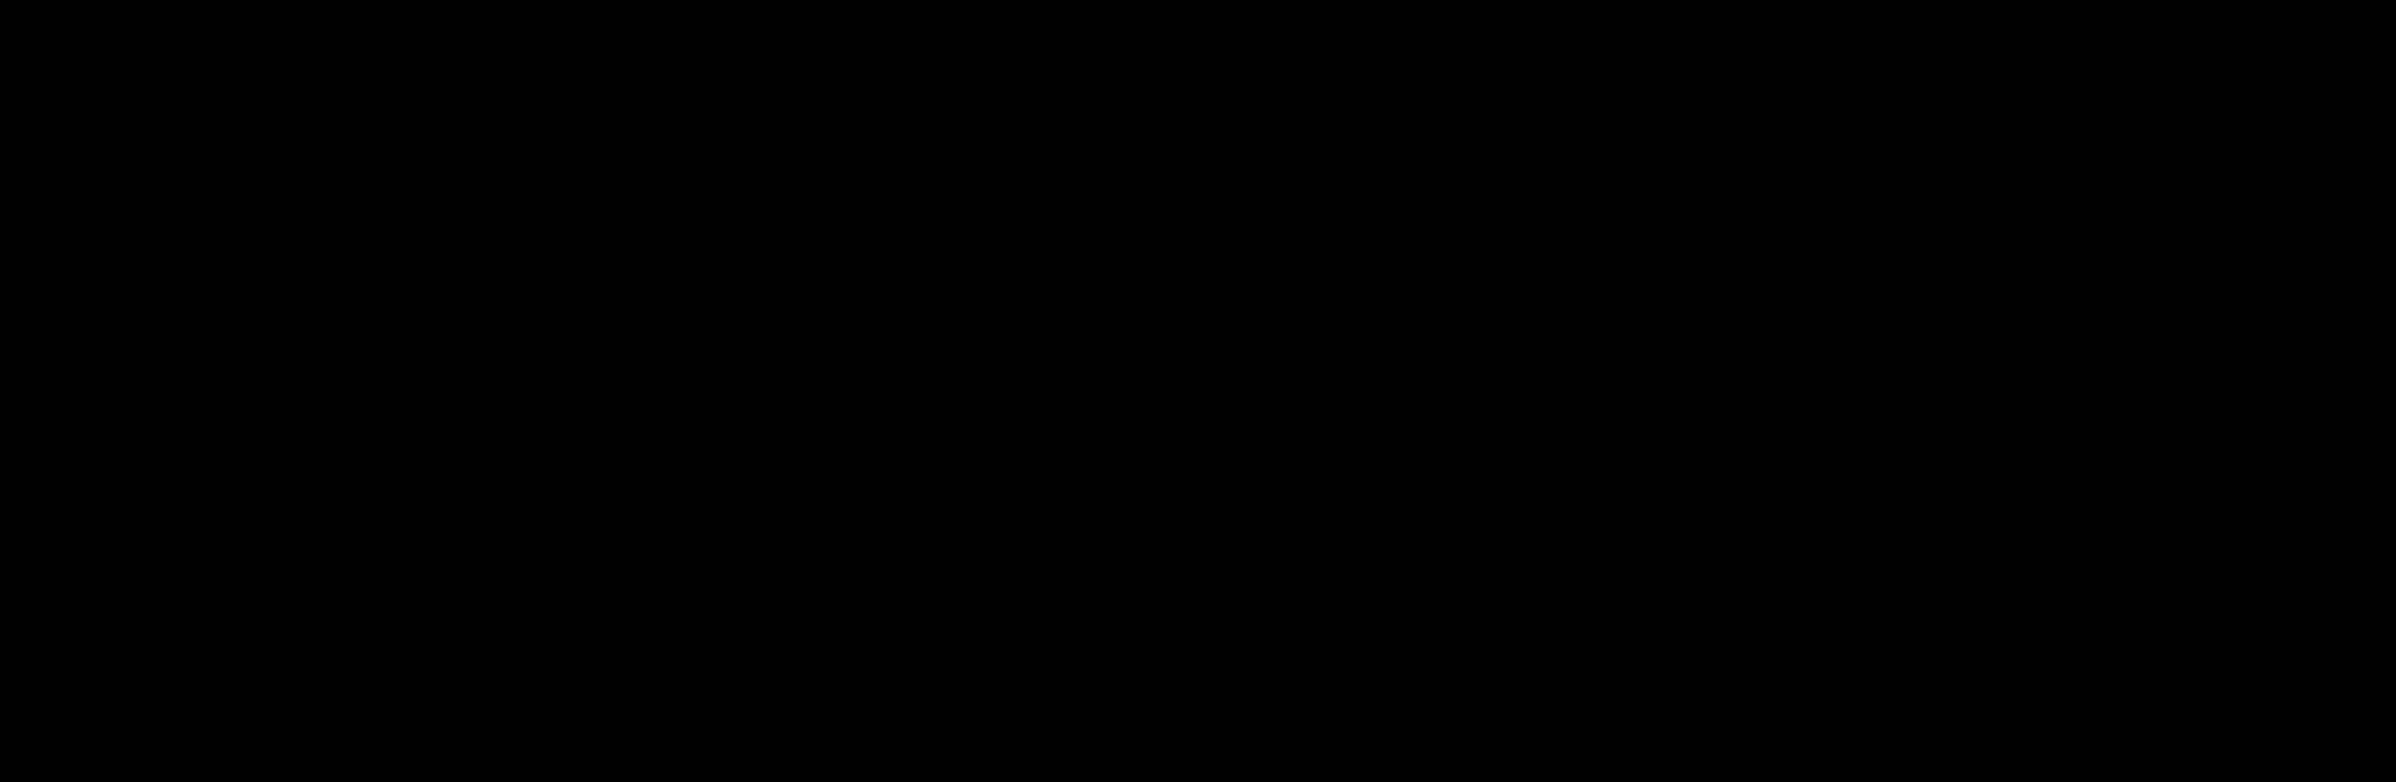 Biotin-PEG2-azide